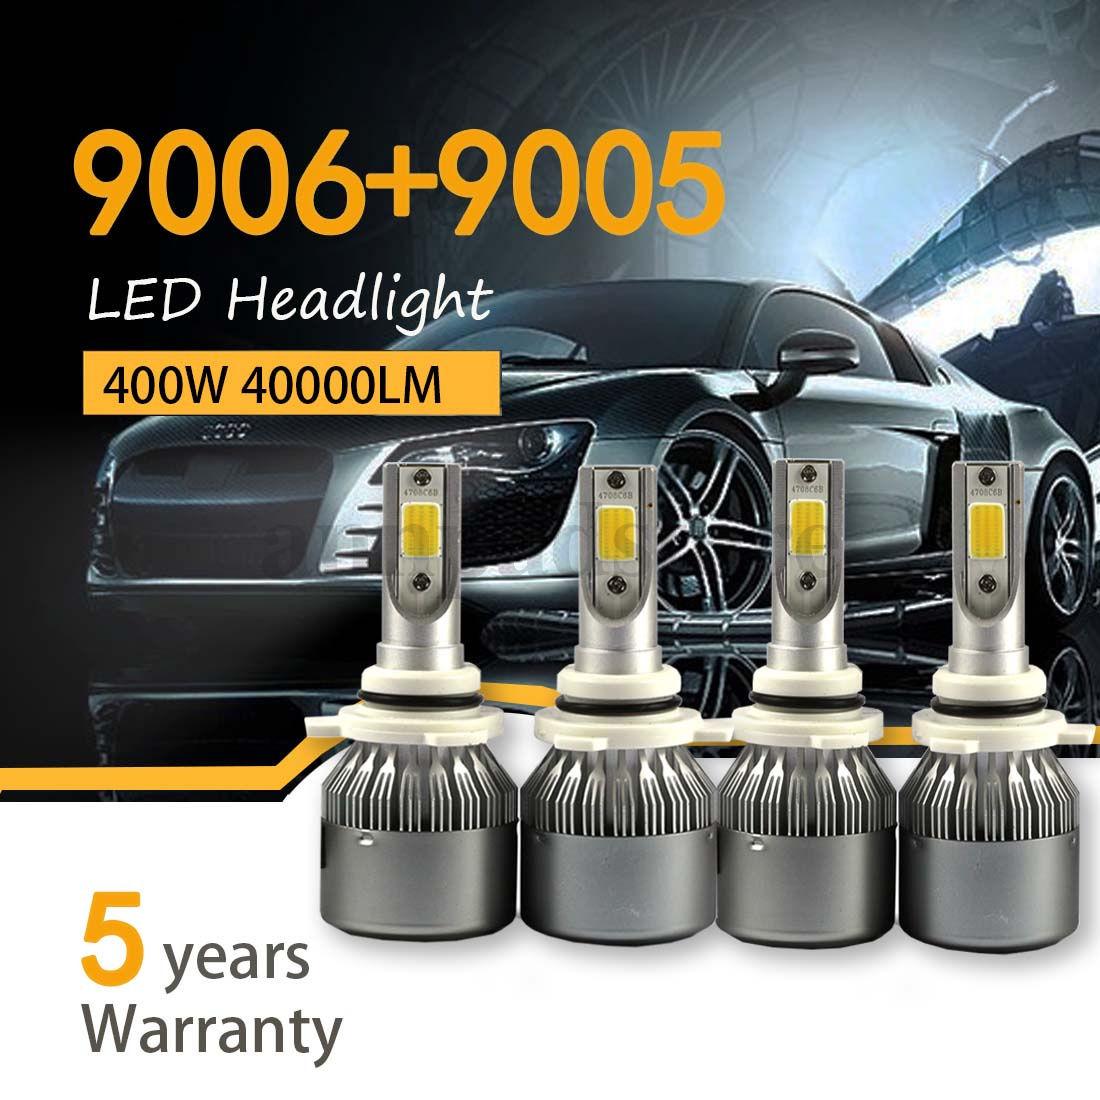 Amazing 4PCS 9005 9006 LED Total 400W 40000LM Combo Headlight High 6000K  White Kit Bulbs 2018-2019